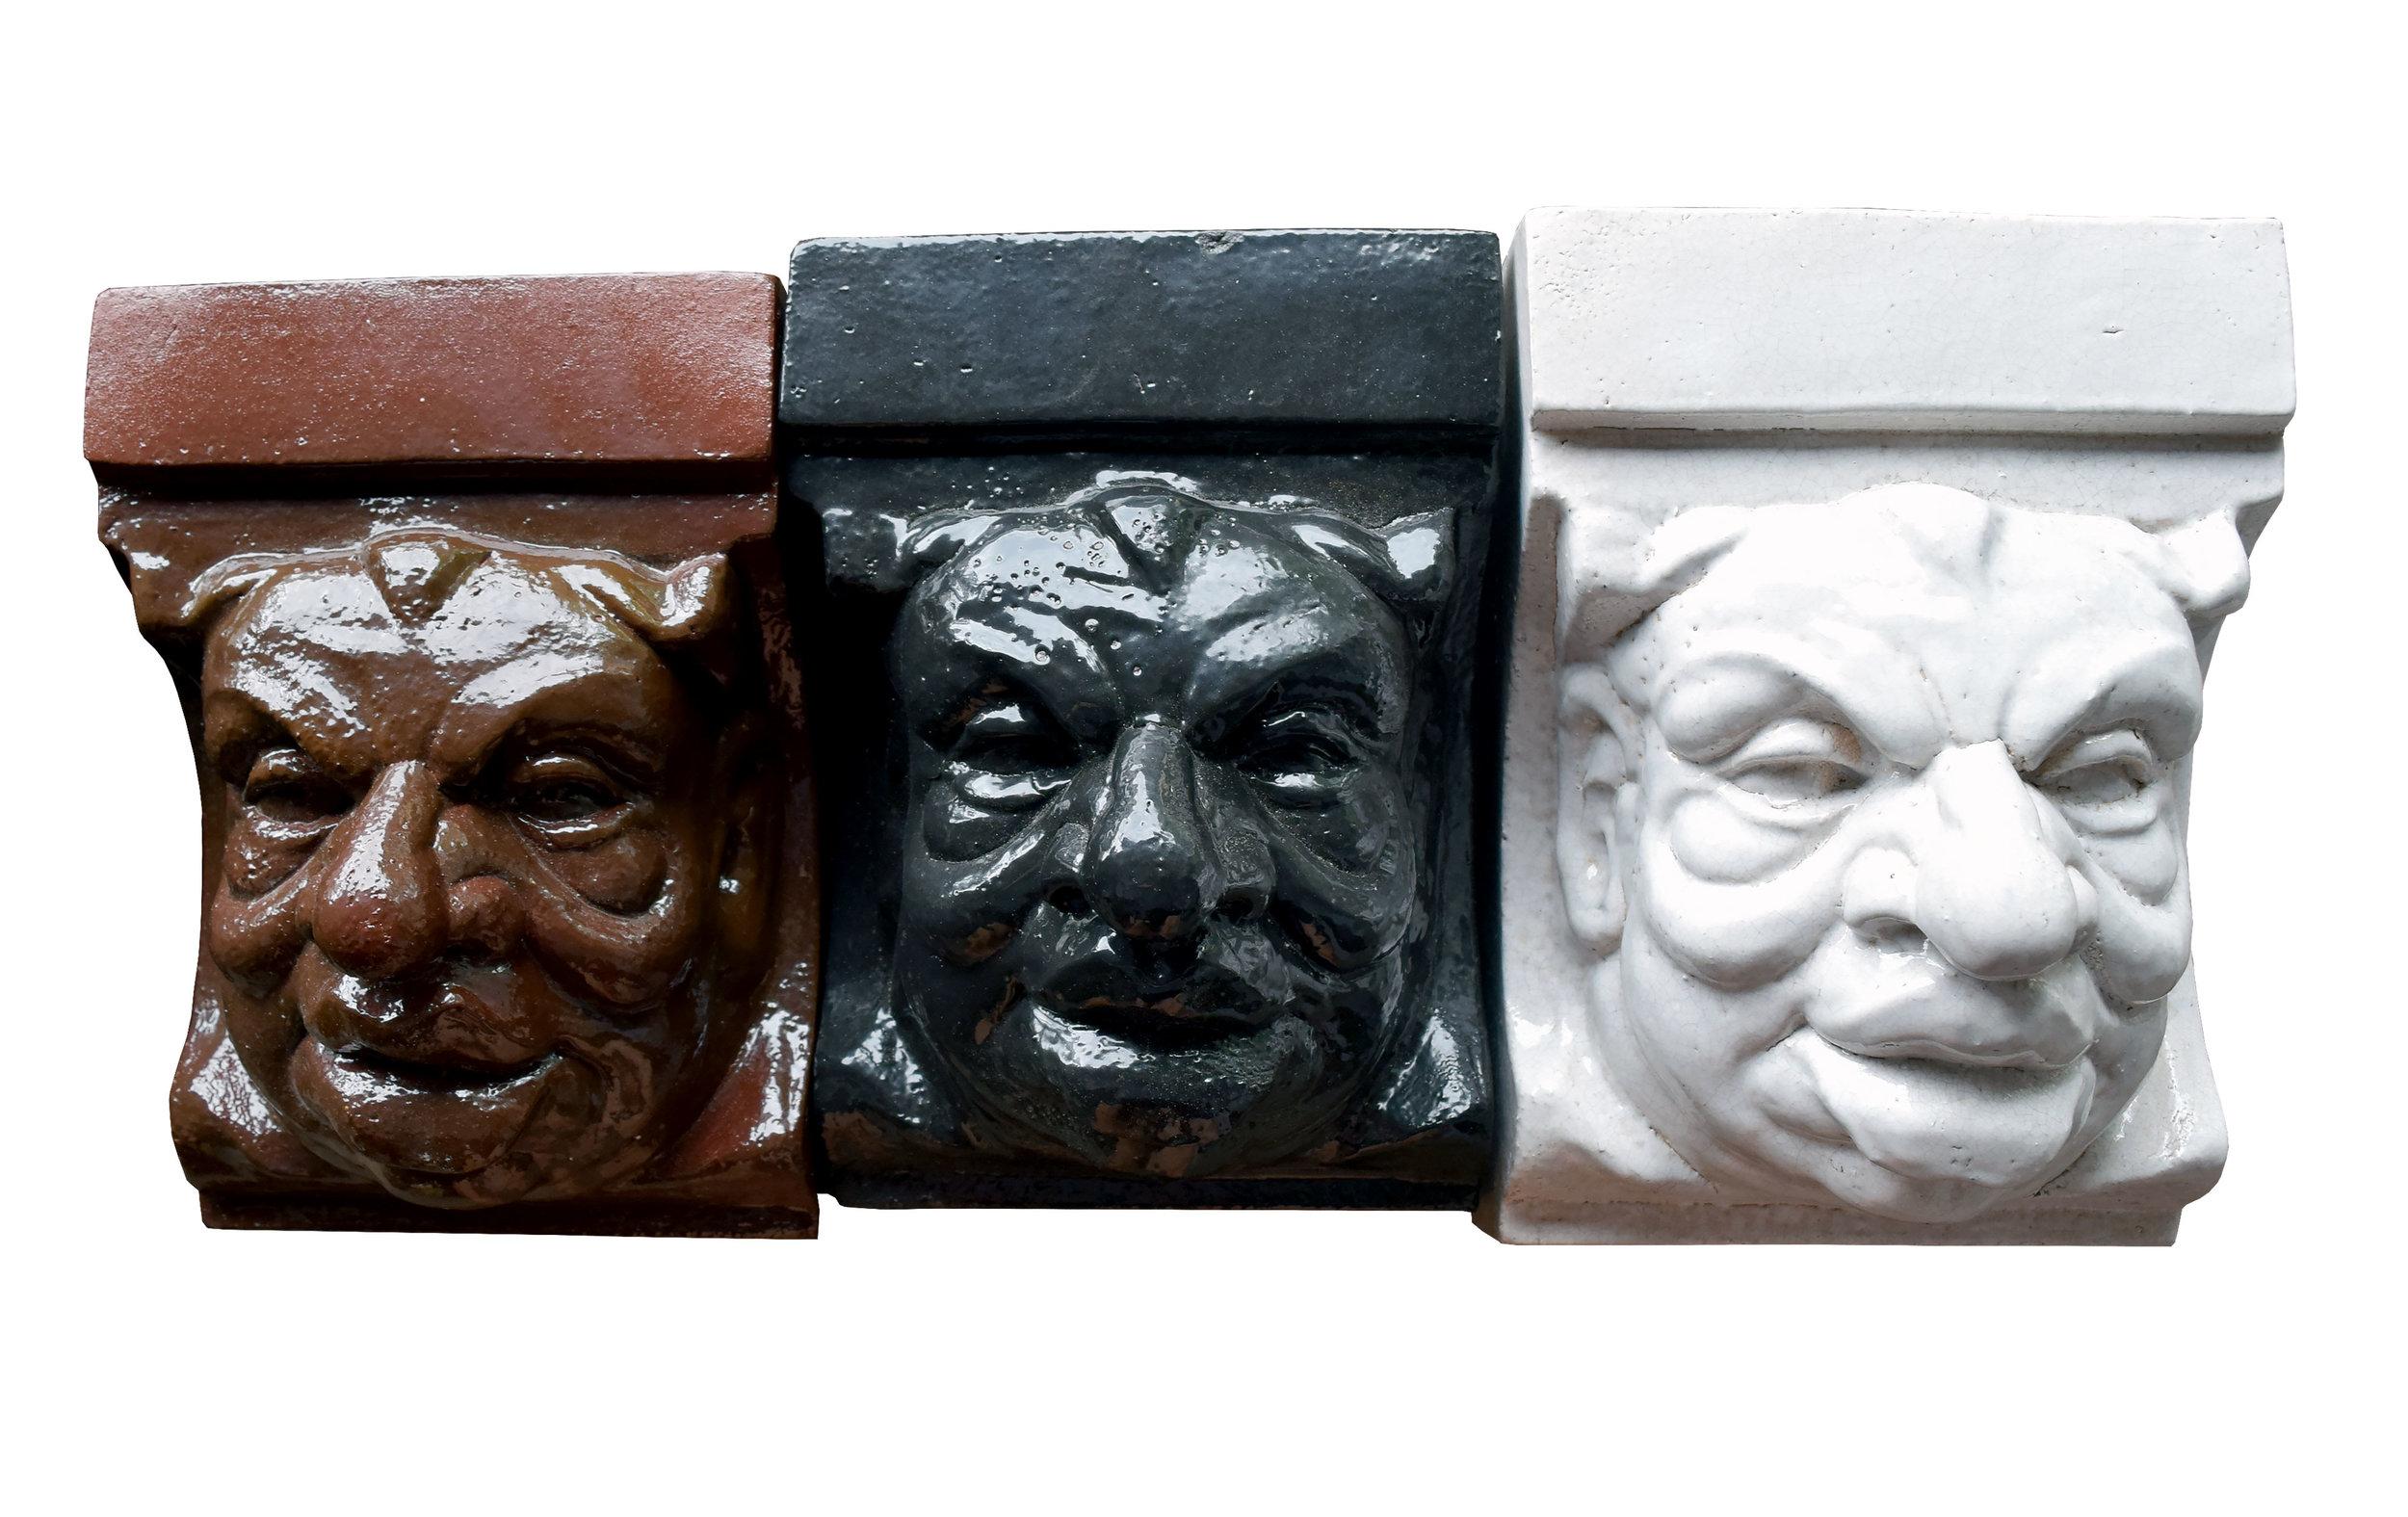 47239-glazed-terra-cotta-faces.jpg